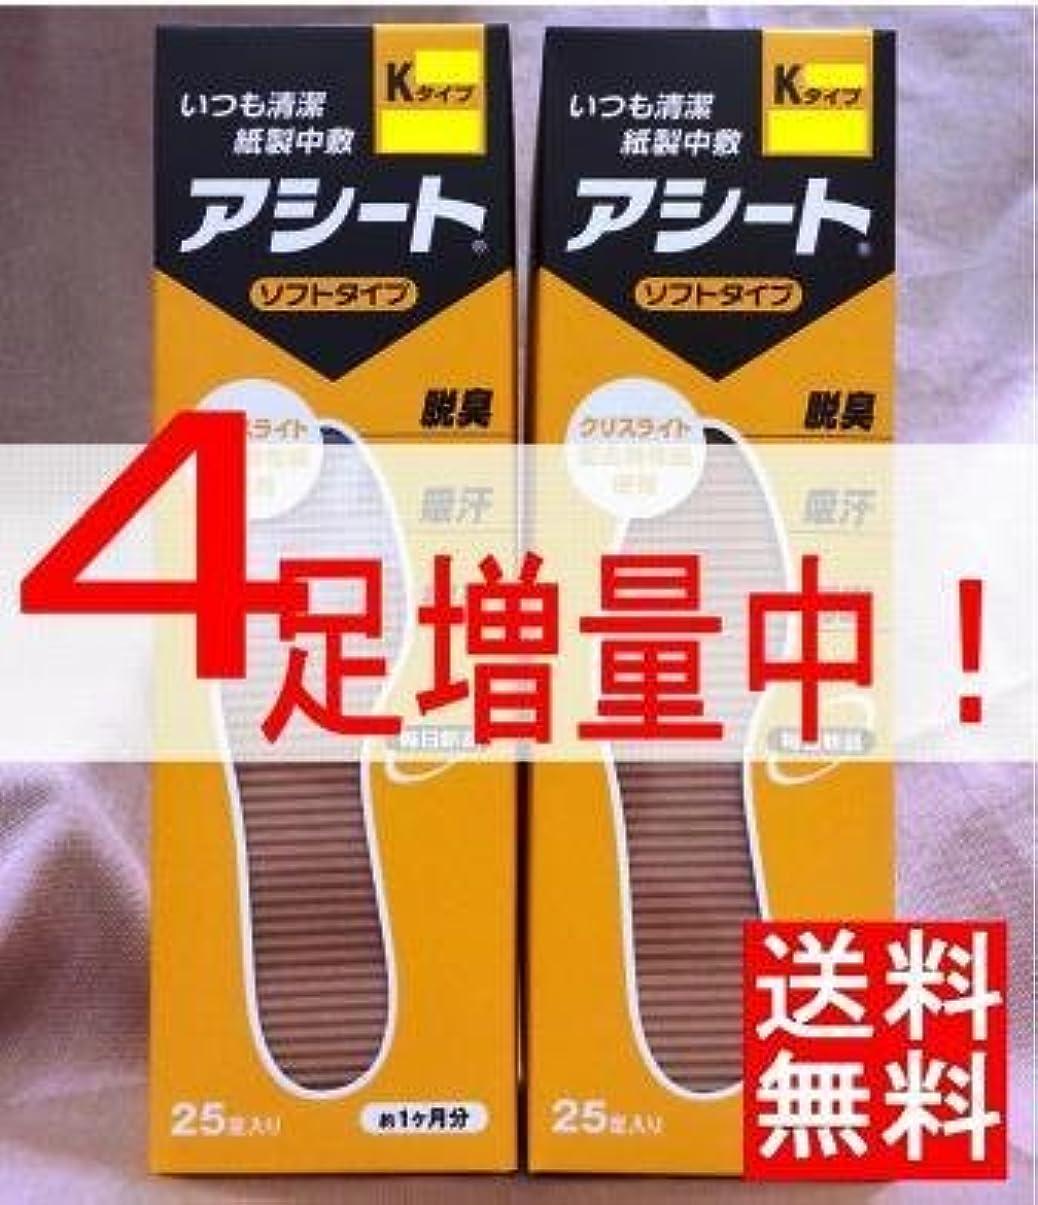 ライド精緻化日焼けアシートK(サイズ24cm)×2箱セット(4足増量中)